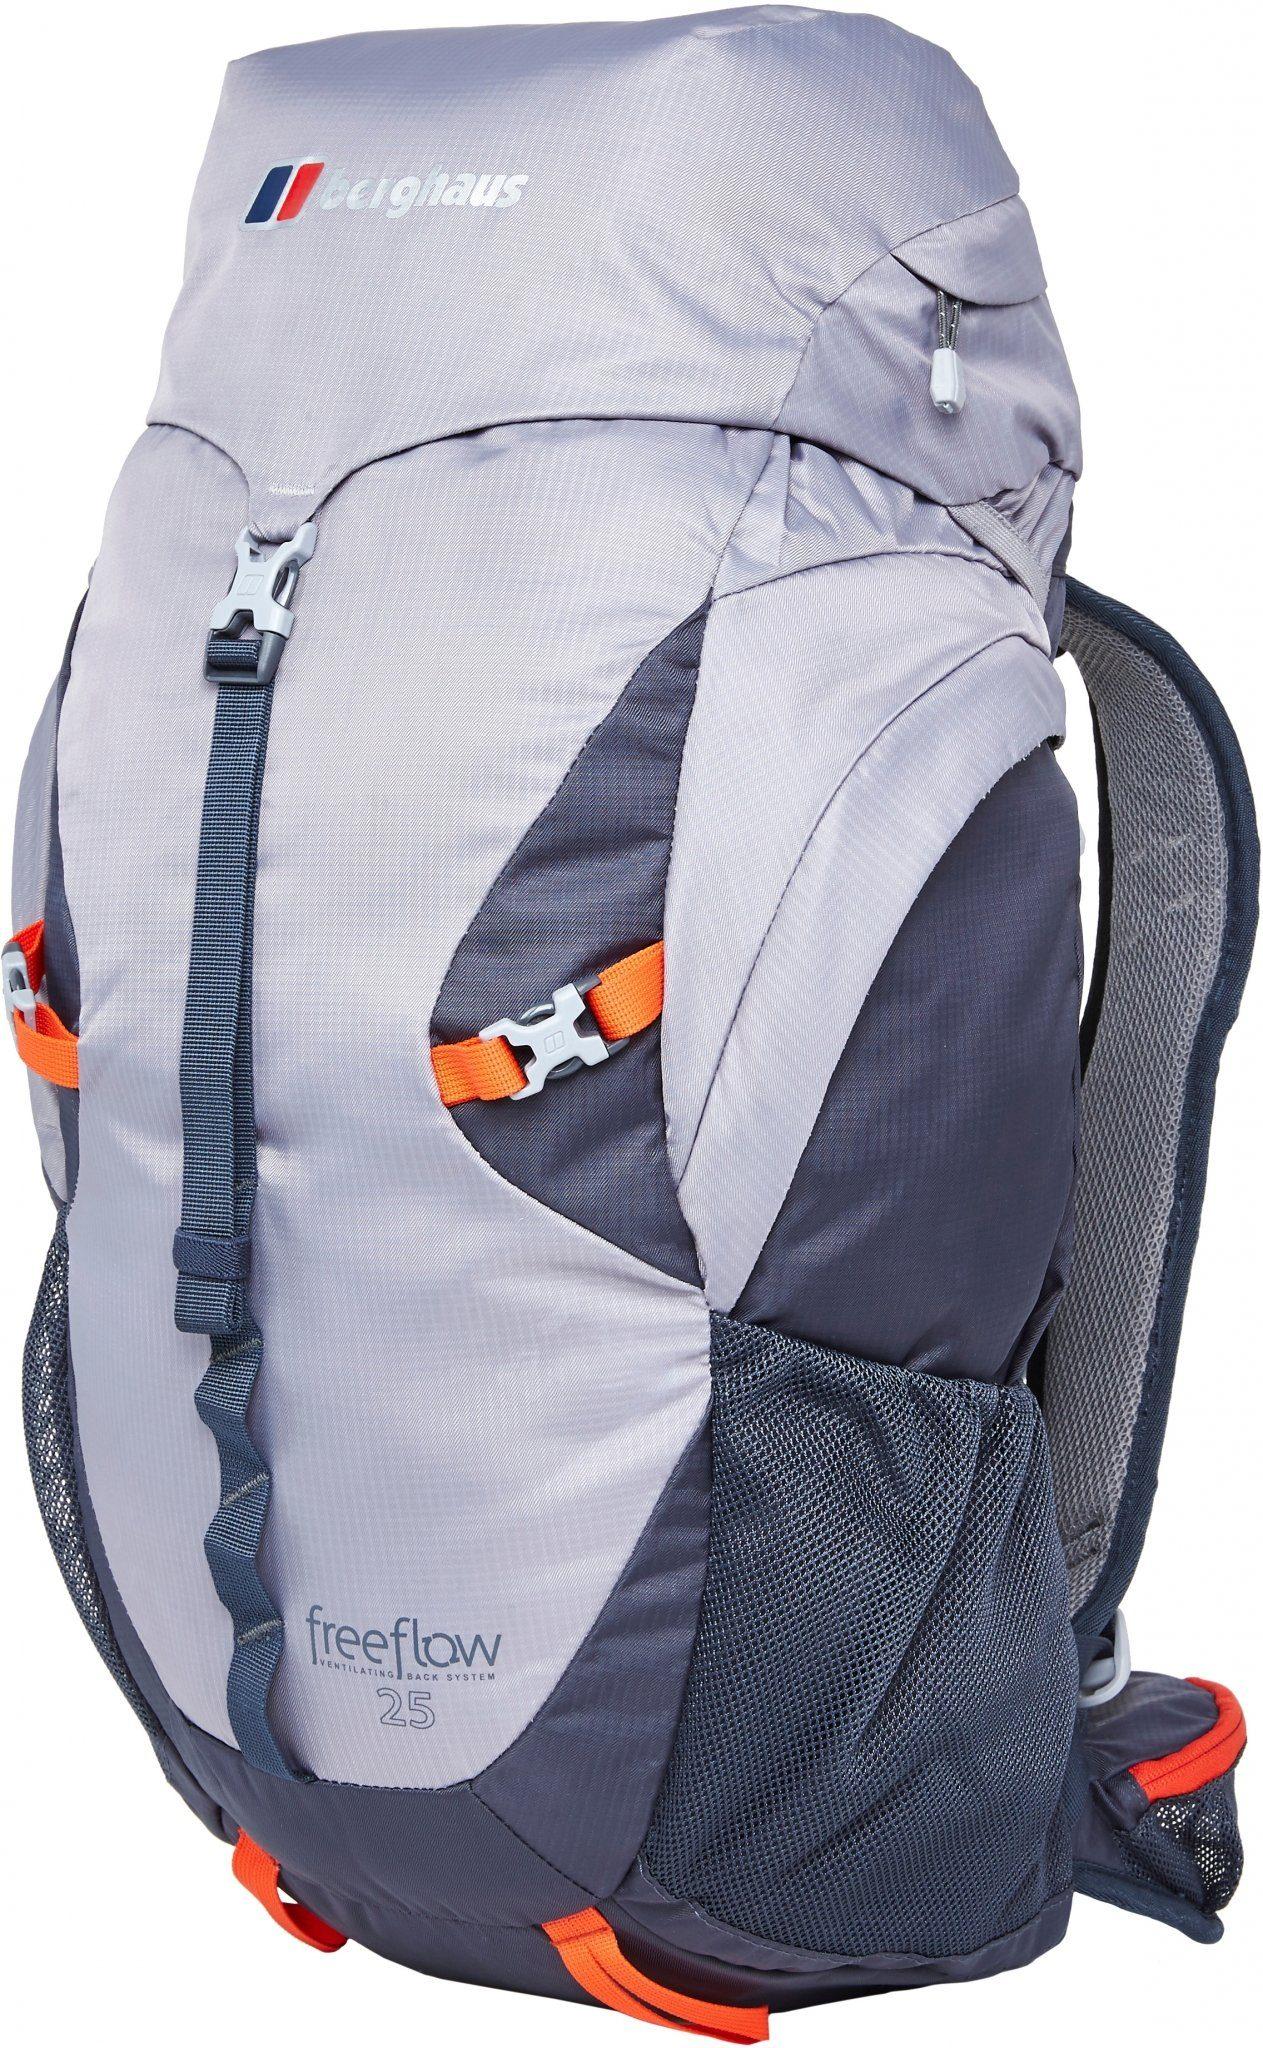 Berghaus Sport- und Freizeittasche »Freeflow 25 Daypack«